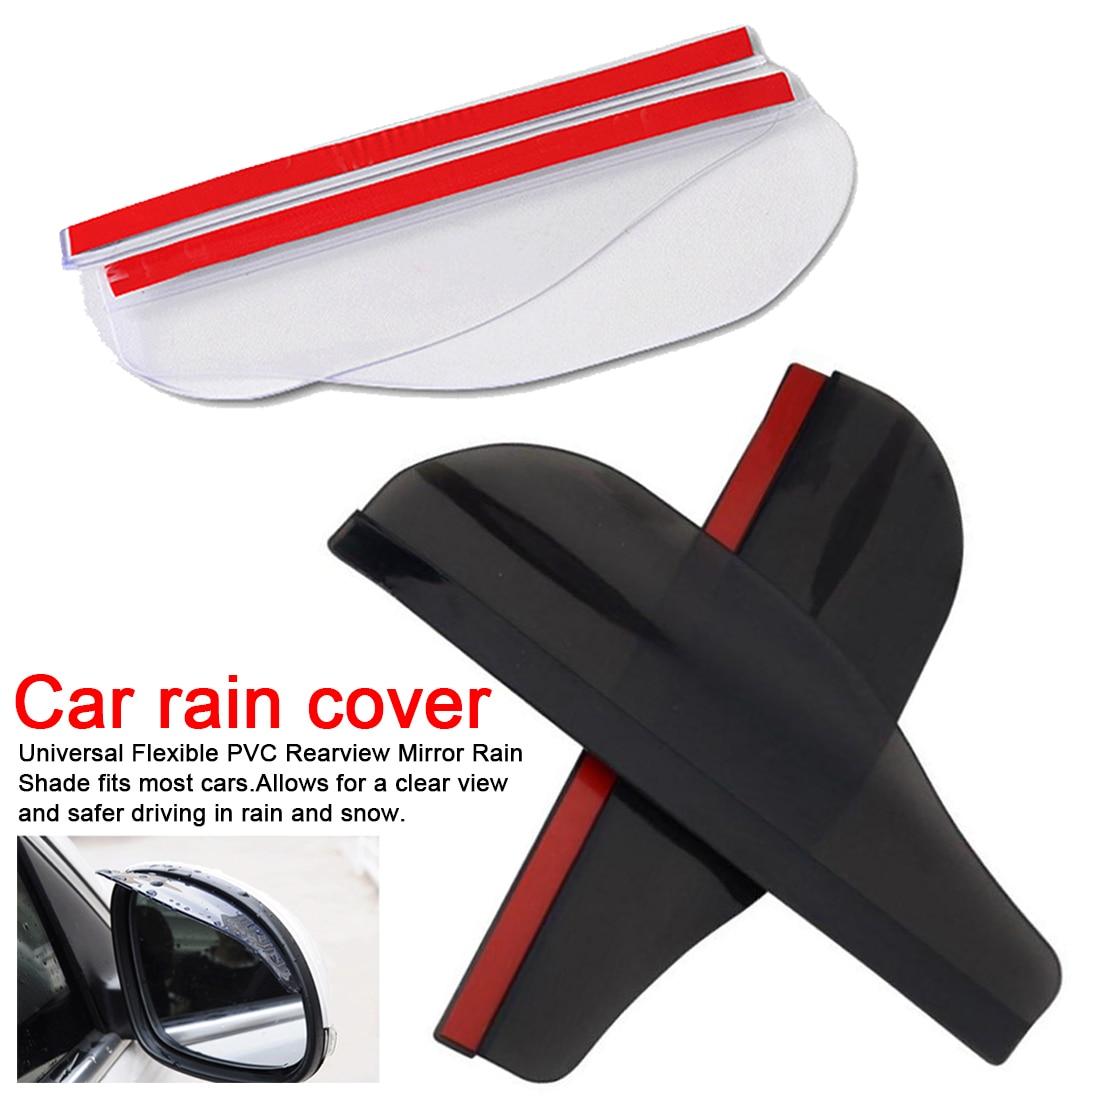 2 個車のサイドミラー防水太陽バイザー雨の眉毛の自動車車のリアビューサイドミラーのためペアカーレインシールド柔軟なプロテクター車